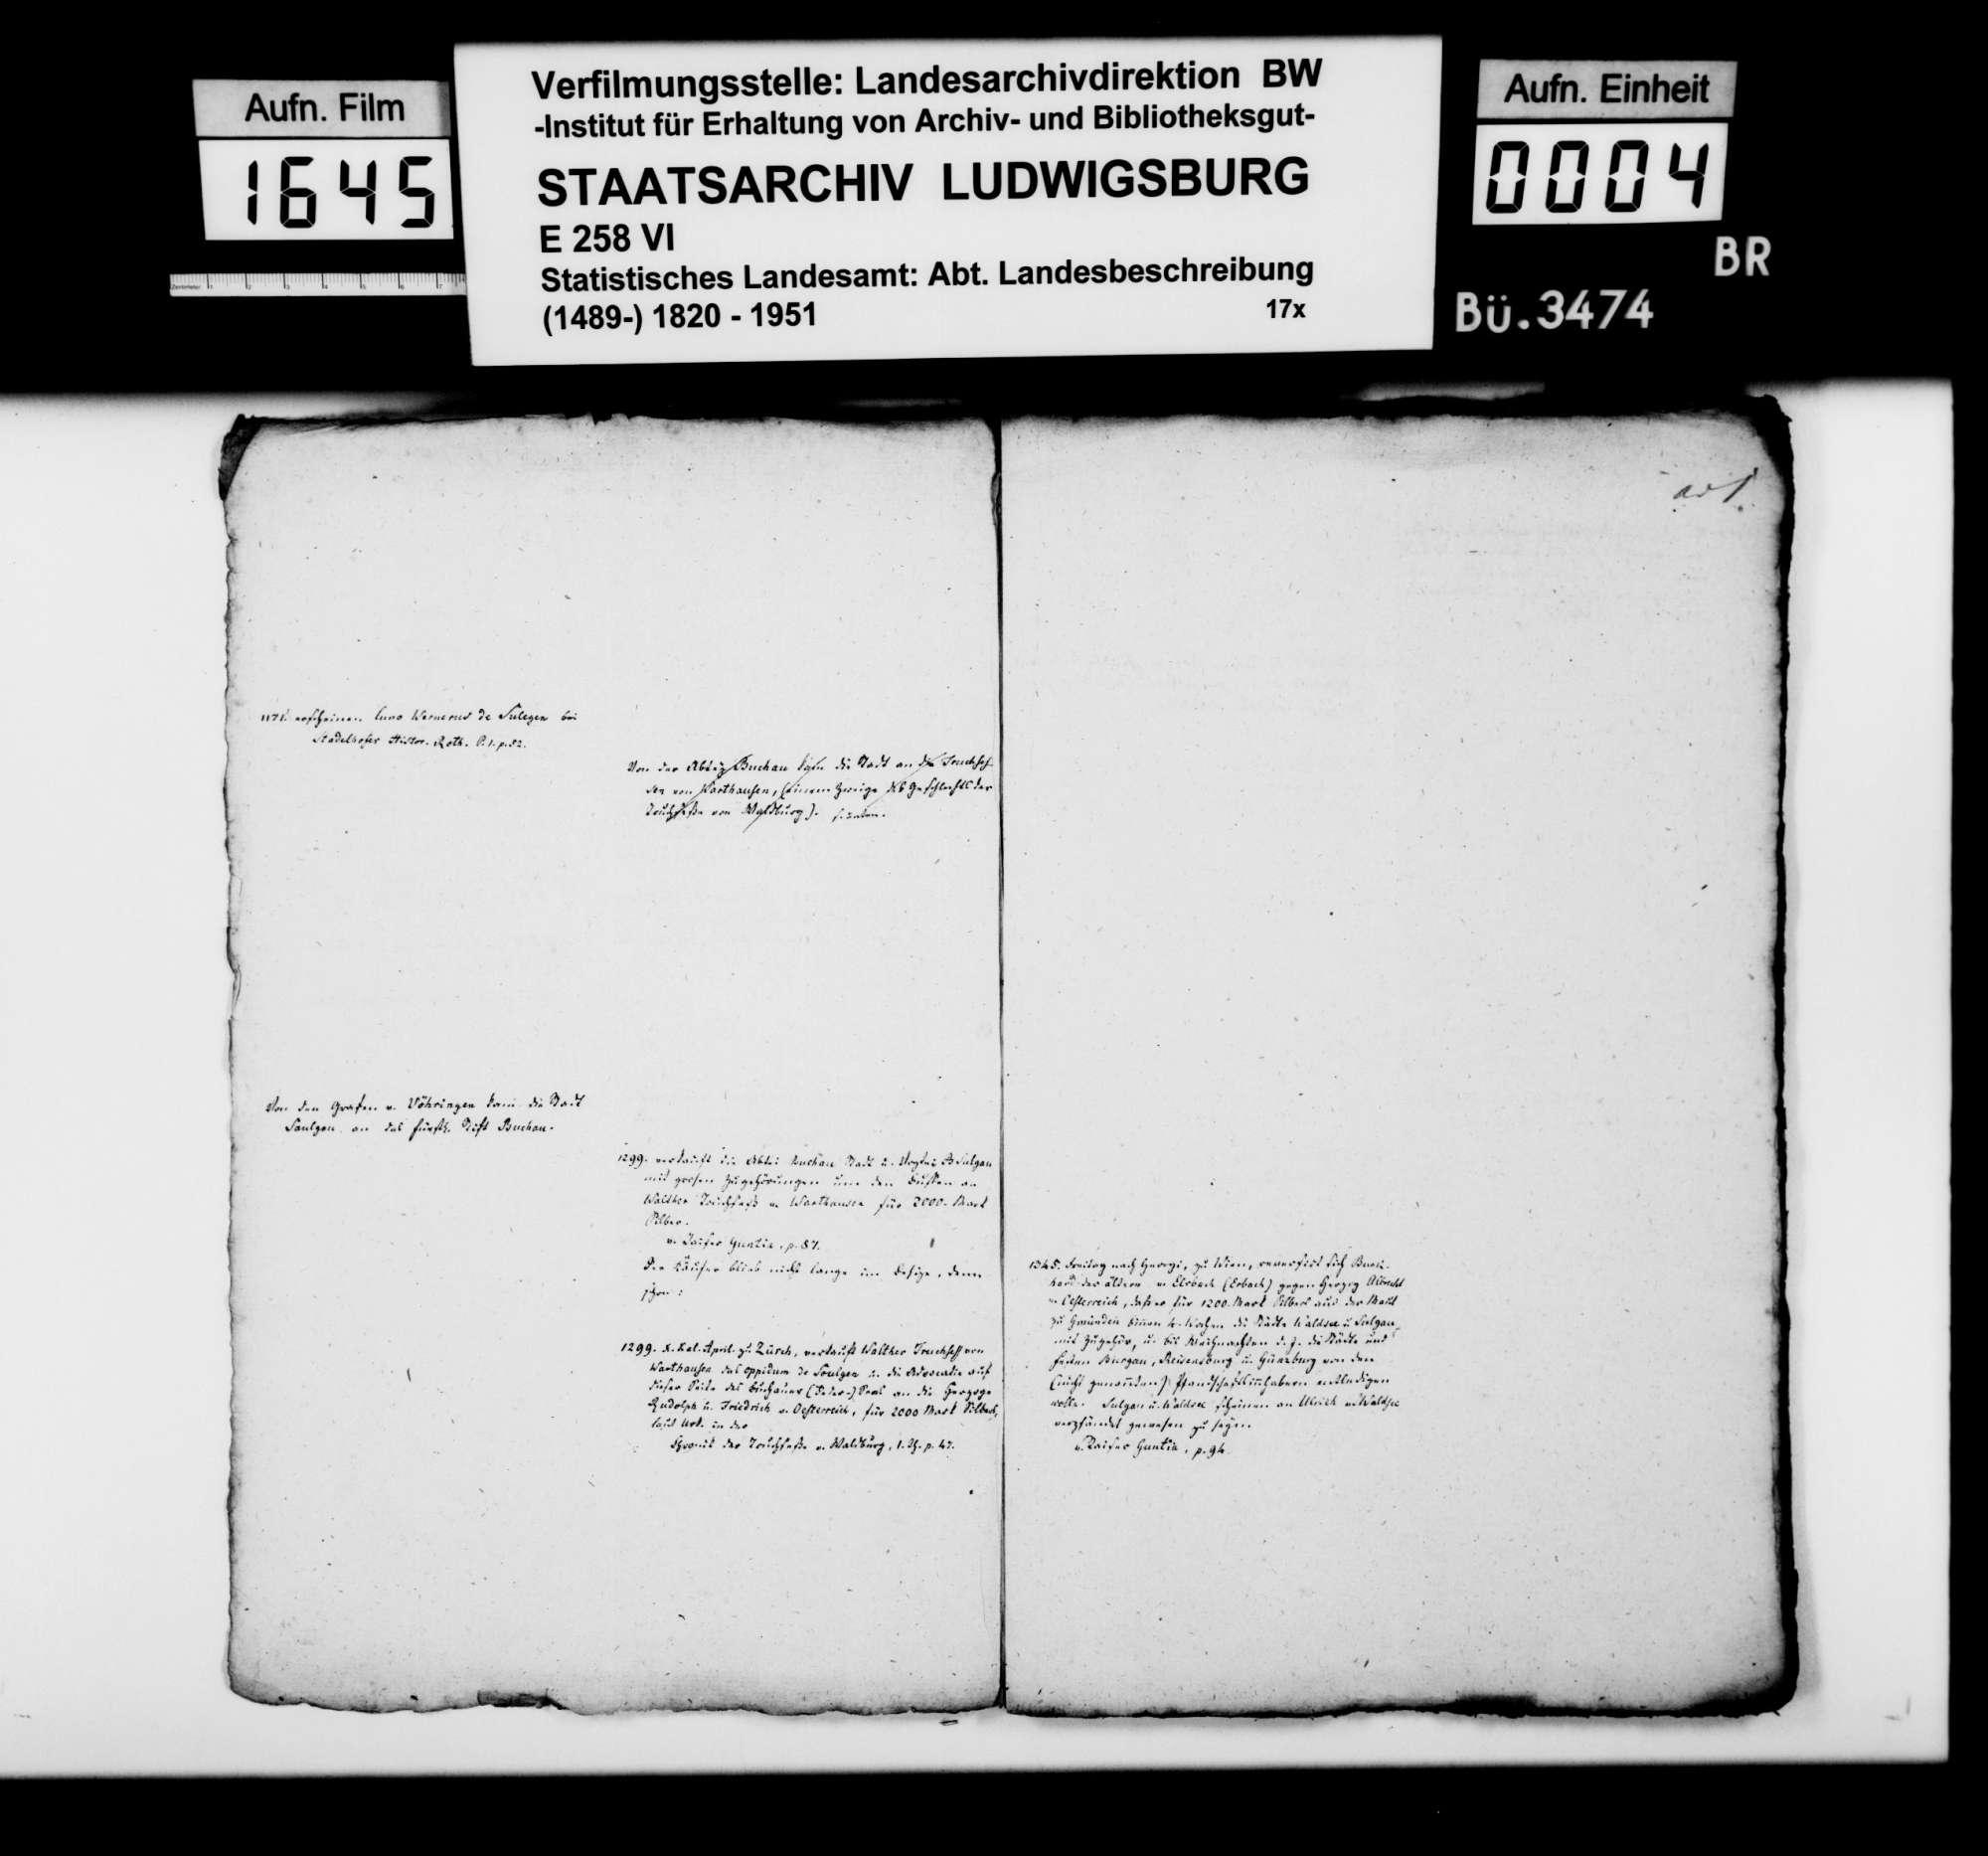 Historiographische Kollektaneen des Rechtskonsulenten [Karl] von Alberti, Frühmittelalter bis 1820, Bild 3